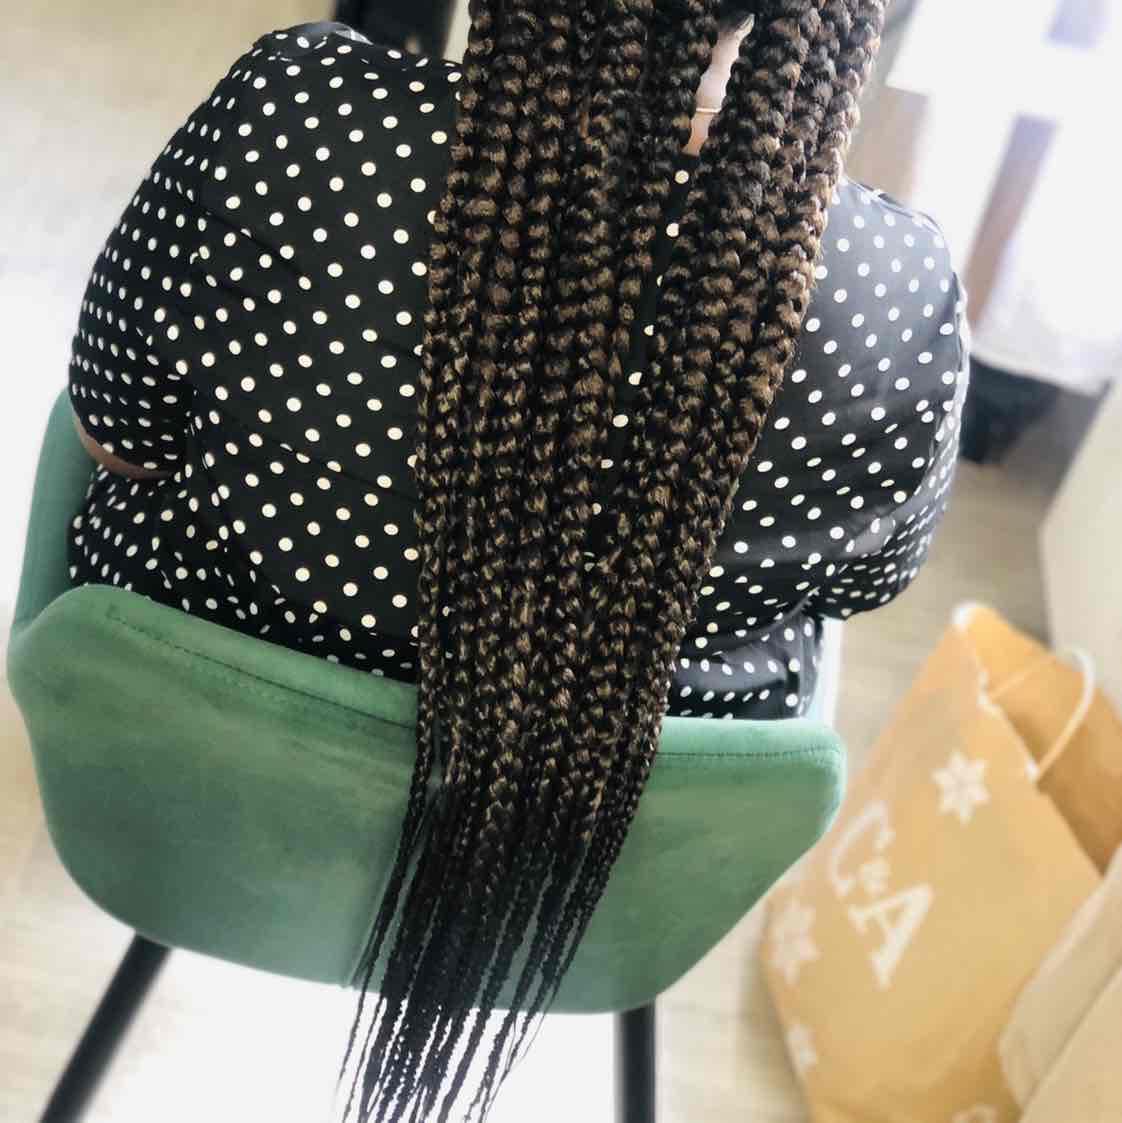 salon de coiffure afro tresse tresses box braids crochet braids vanilles tissages paris 75 77 78 91 92 93 94 95 UREJZQQB